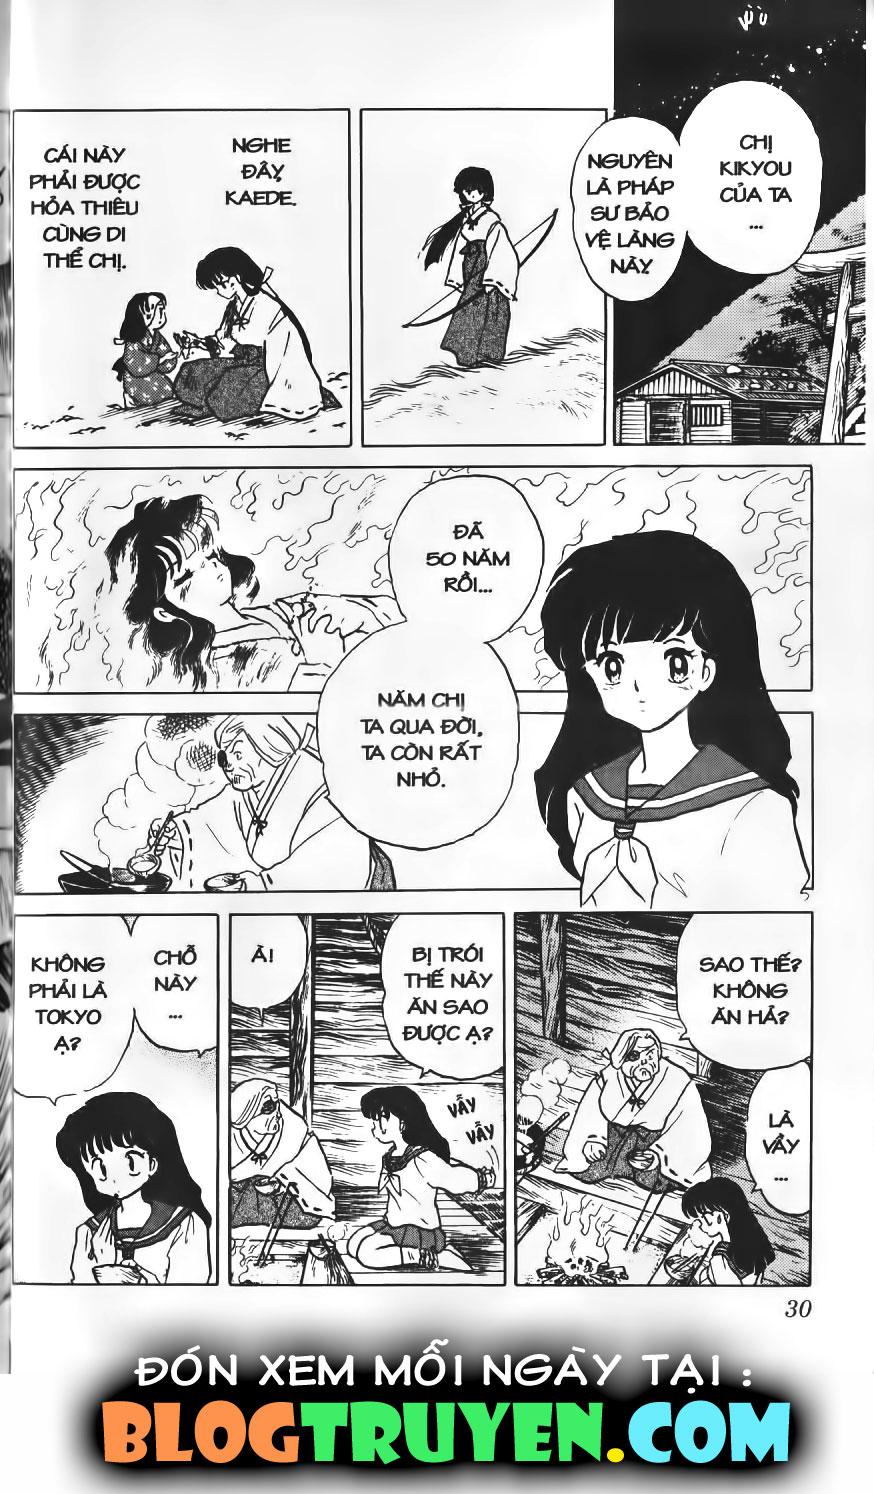 Inuyasha vol 01.1 trang 26